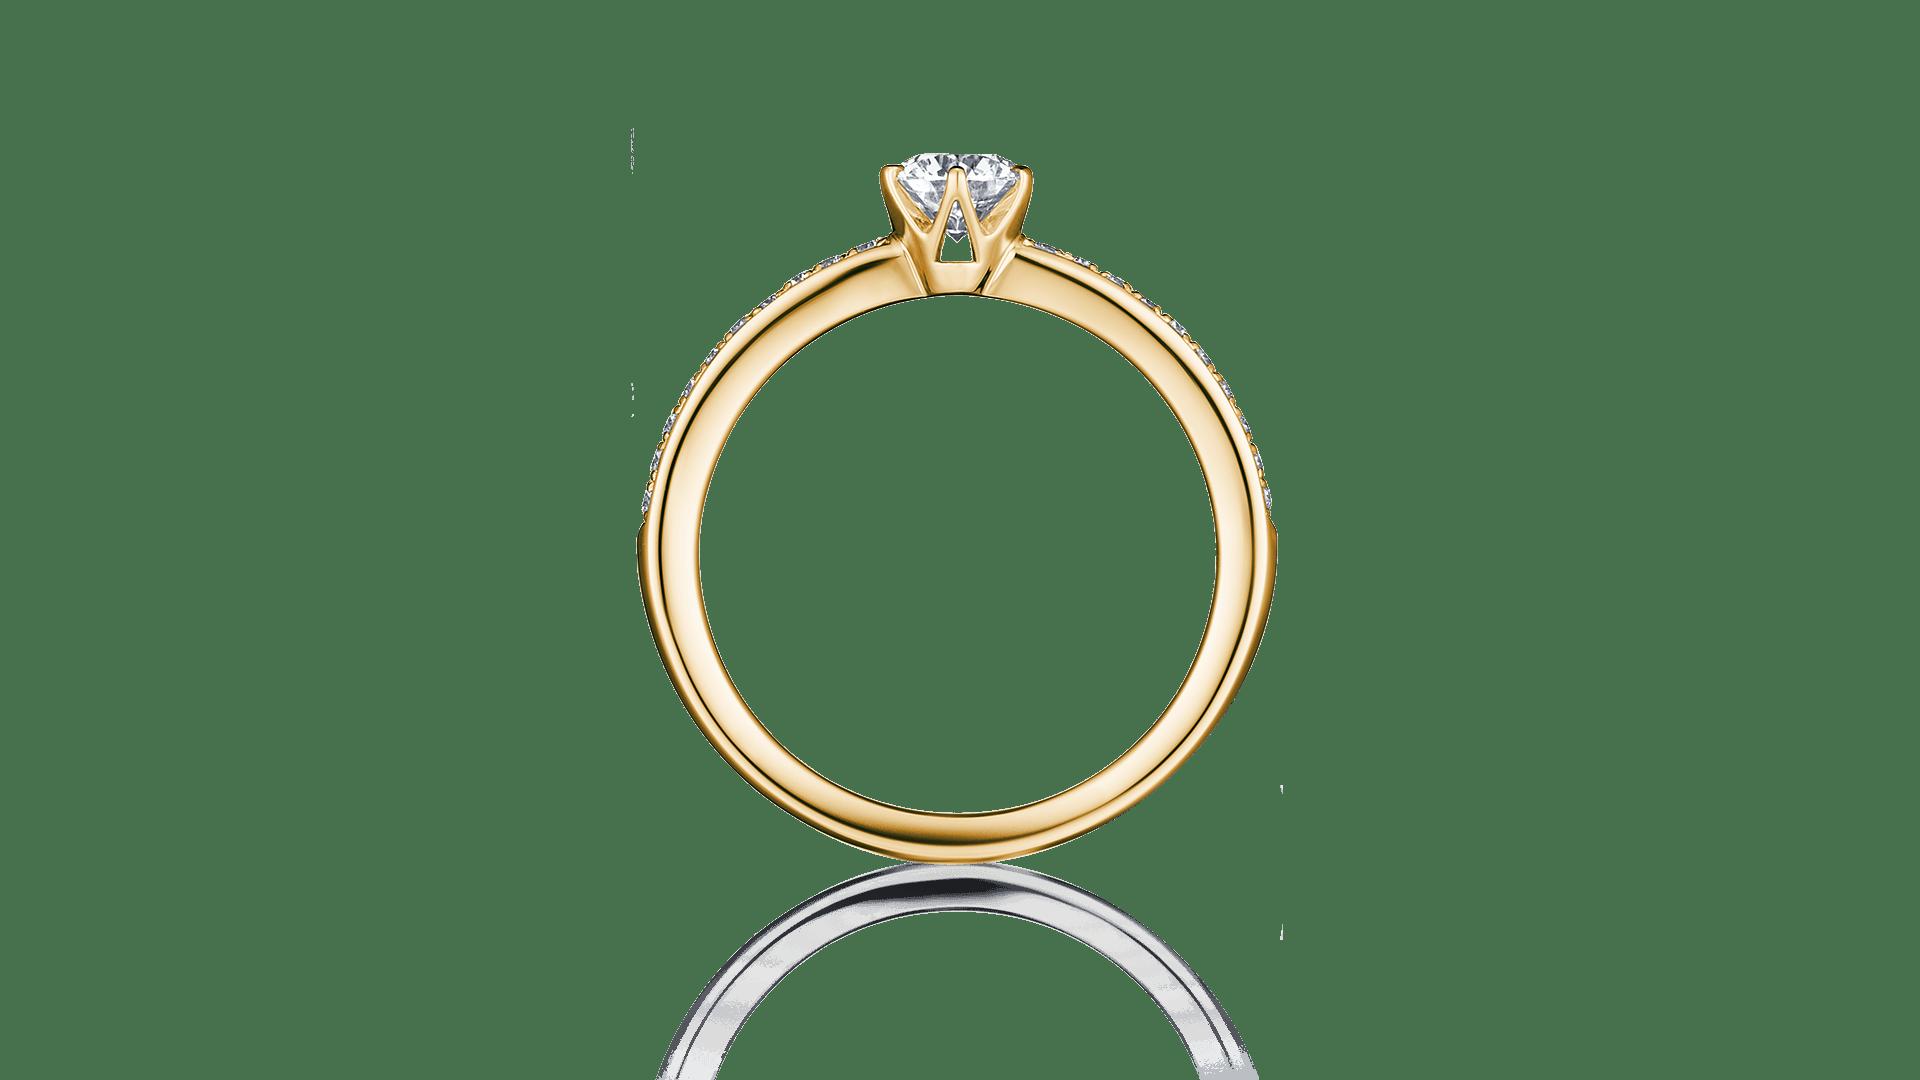 coronare コロナーレ | 婚約指輪サムネイル 2